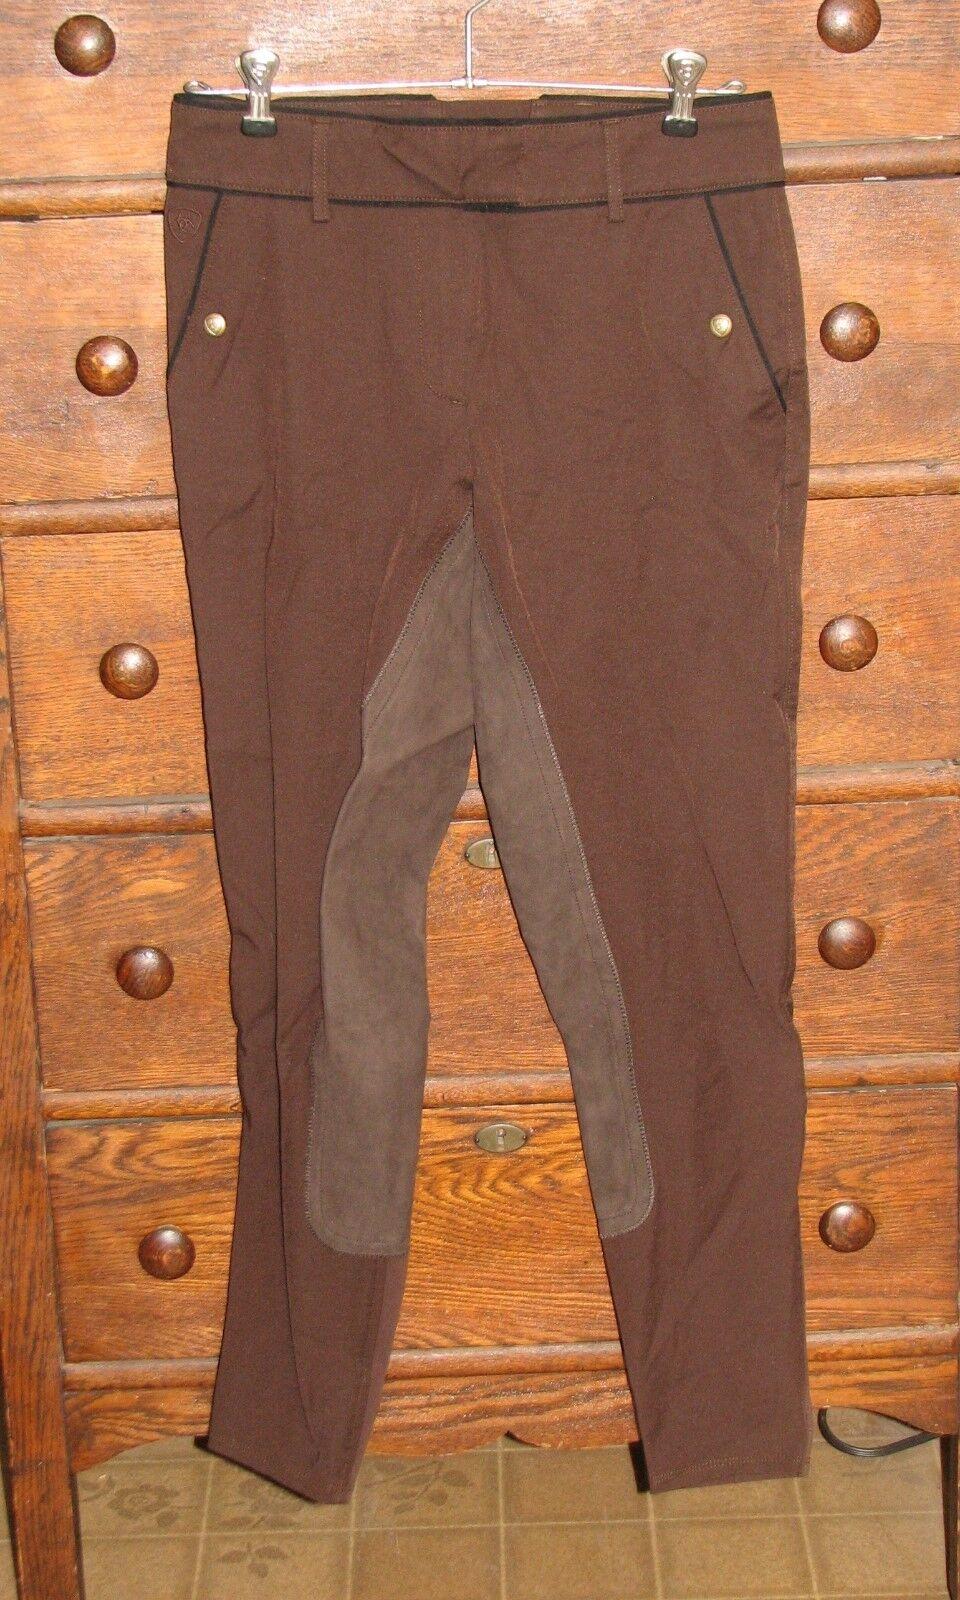 Nuevo circuito Ariat todos Tiro Bajo Pantalones Pantalones De Montar Equitación Ecuestre Marrón para Mujer 24L